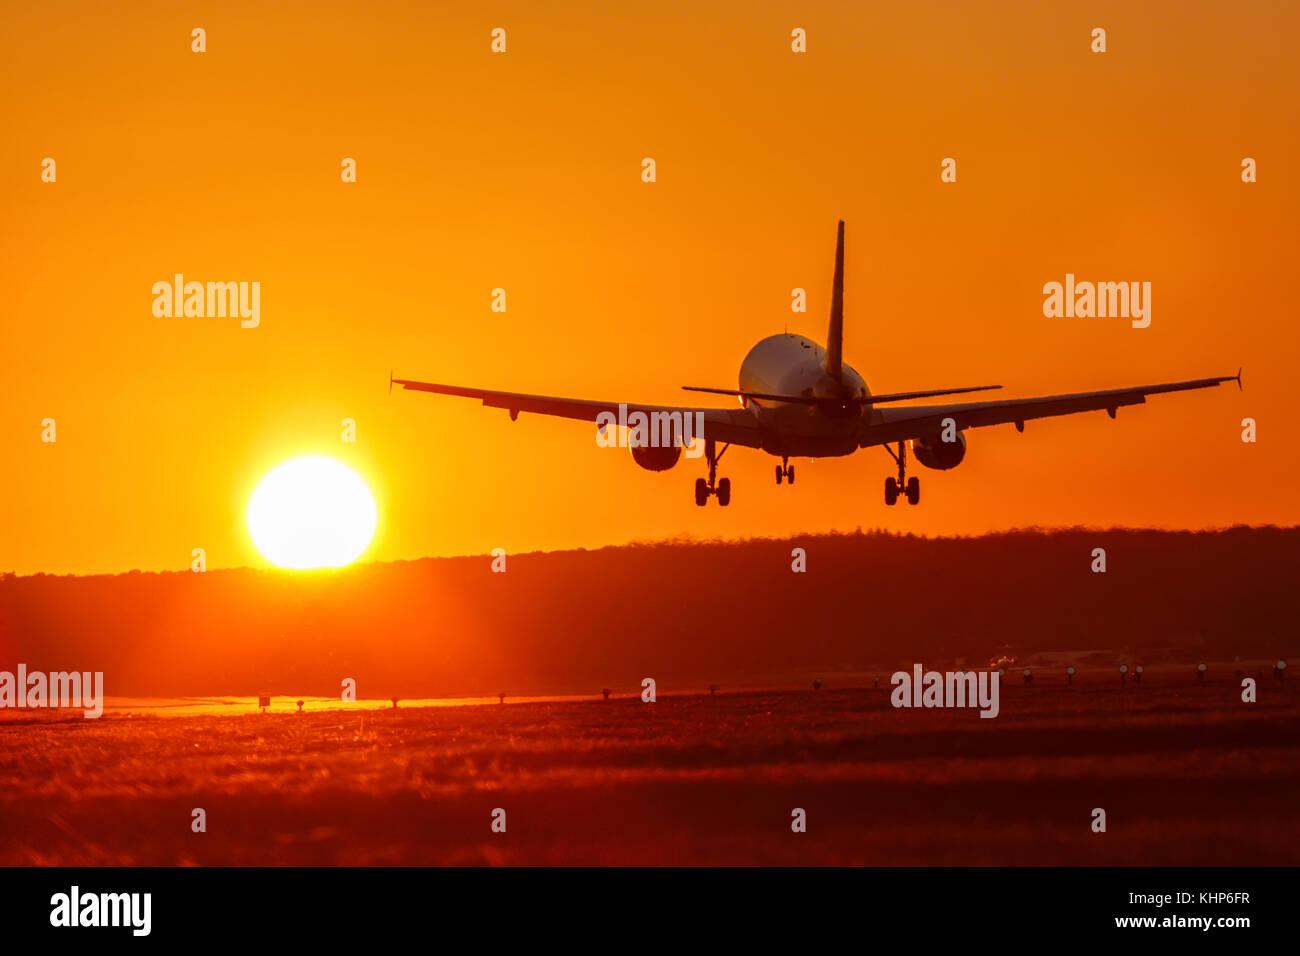 Flugzeug Flughafen Luftfahrt Sonne Sonnenuntergang Urlaub Ferien Reisen Reisen Flugzeug Flugzeug reisen Stockbild